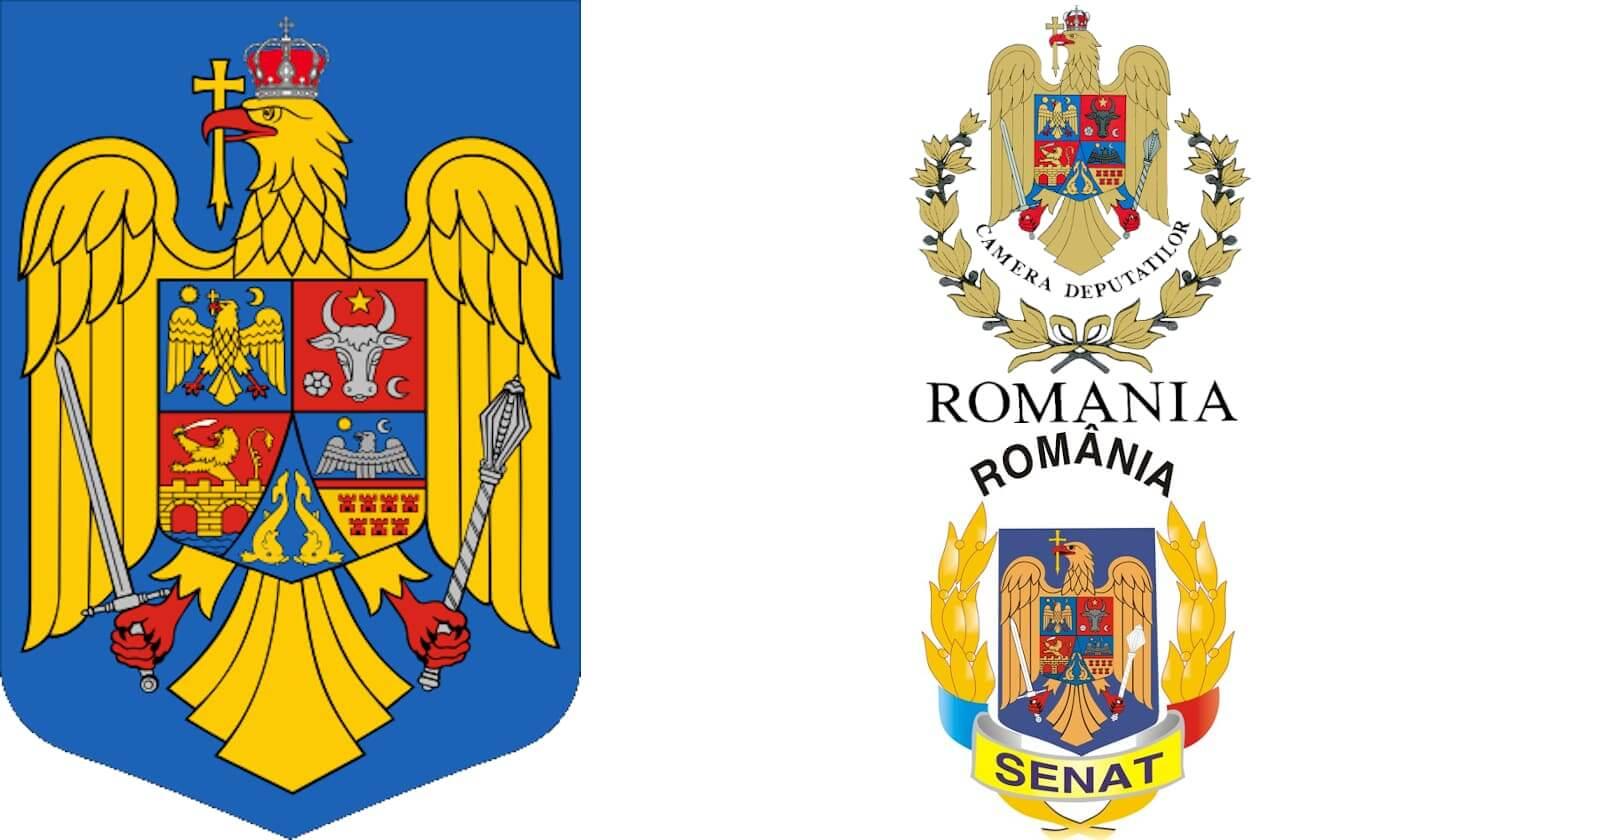 Legea nr. 135/2020 - privind stabilirea datei alegerilor pentru autoritățile administrației publice locale din anul 2020, precum și a unor măsuri pentru buna organizare și desfășurare a acestora